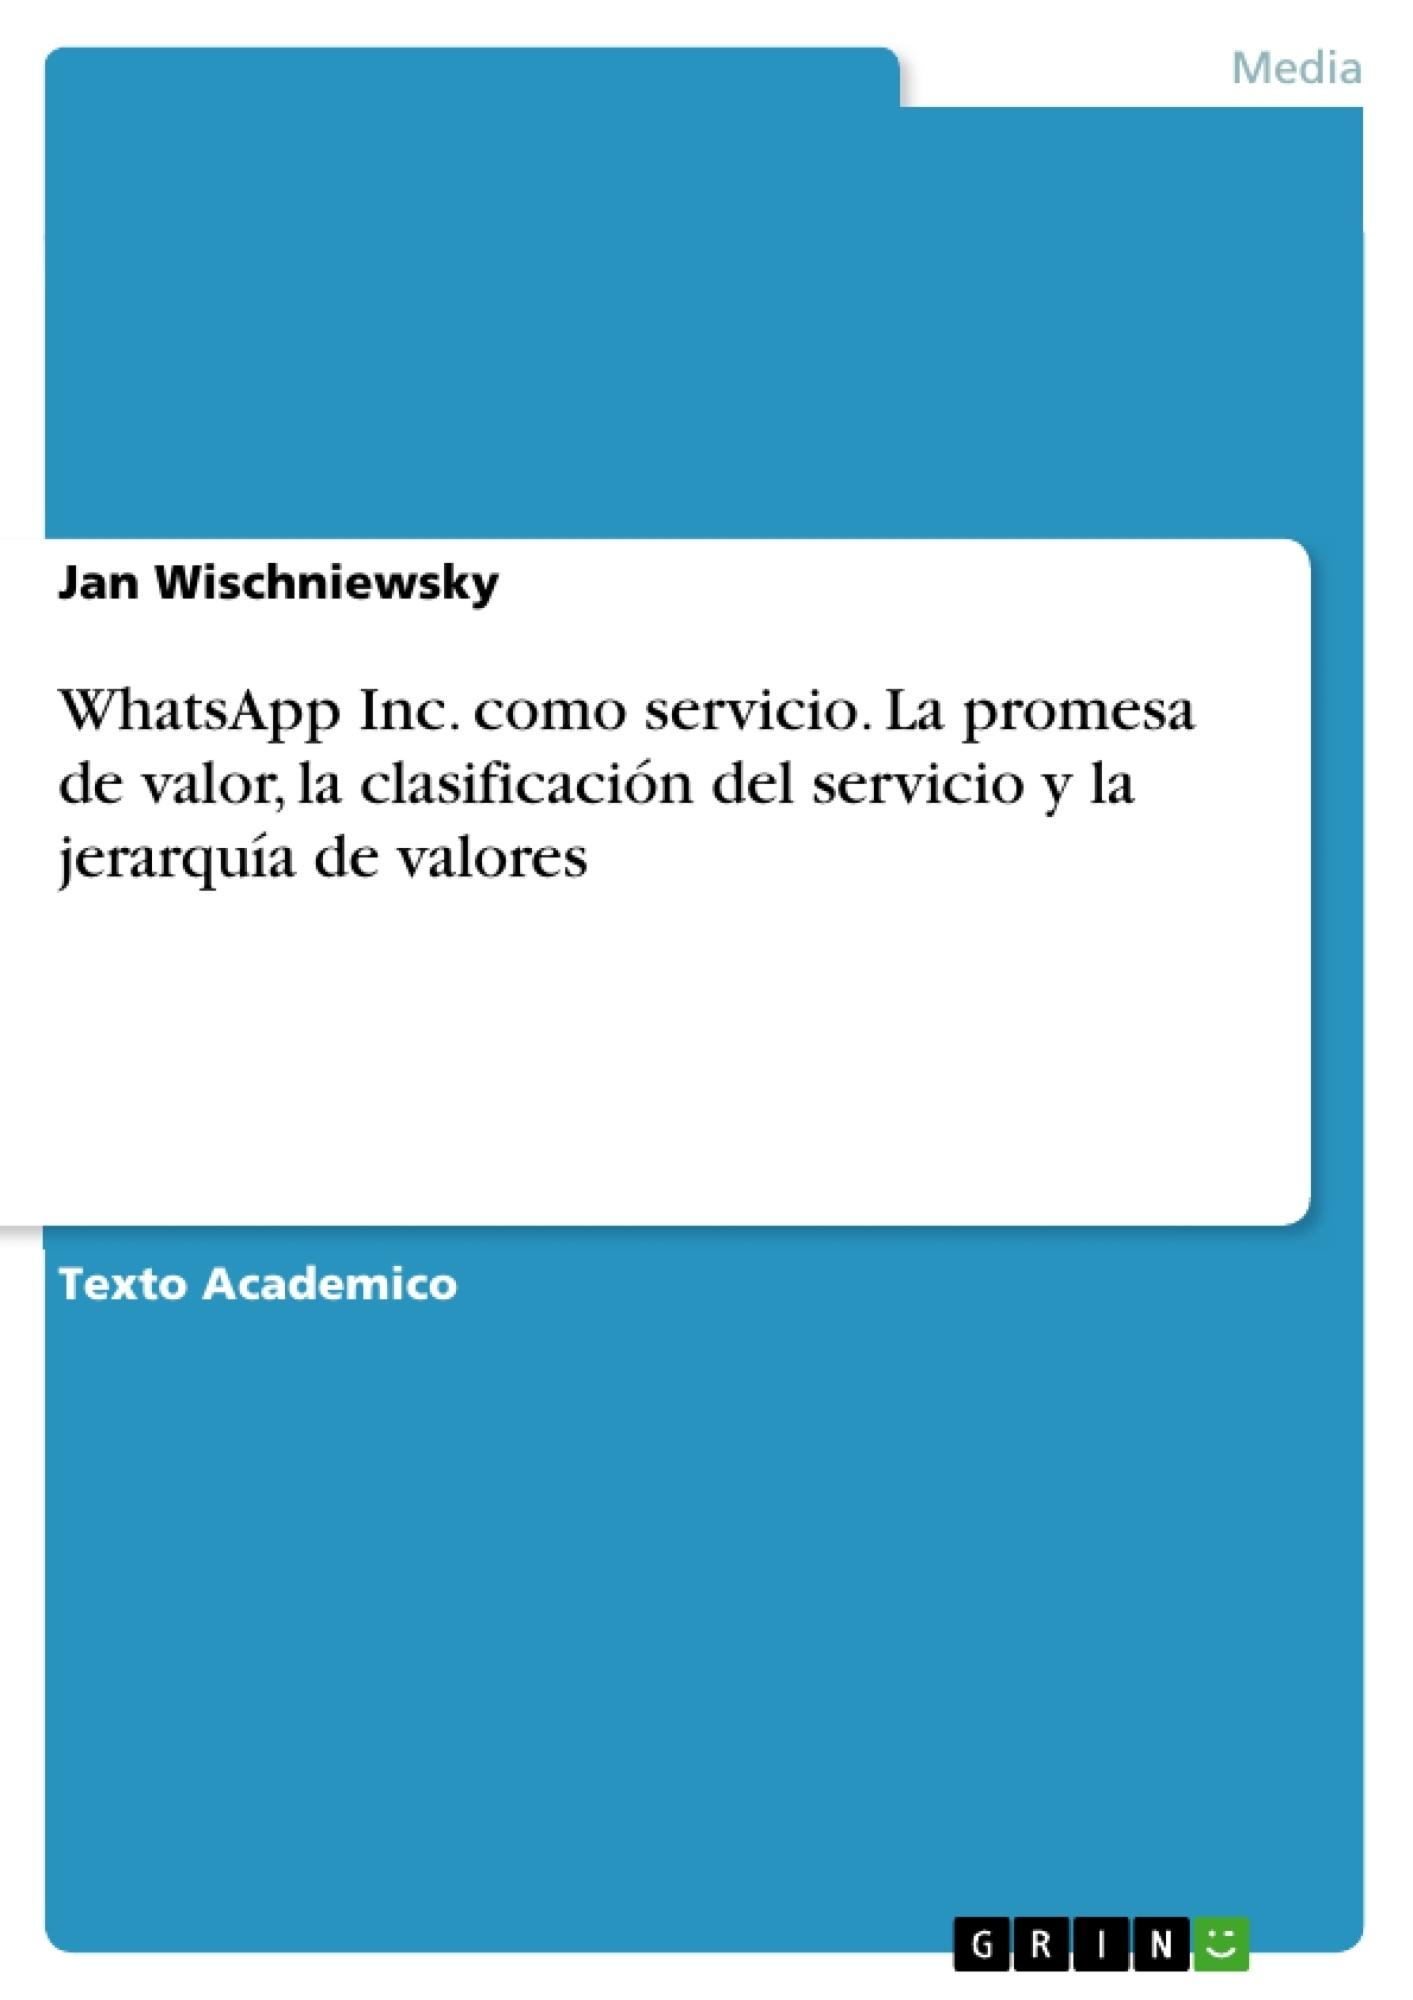 Título: WhatsApp Inc. como servicio. La promesa de valor, la clasificación del servicio y la jerarquía de valores